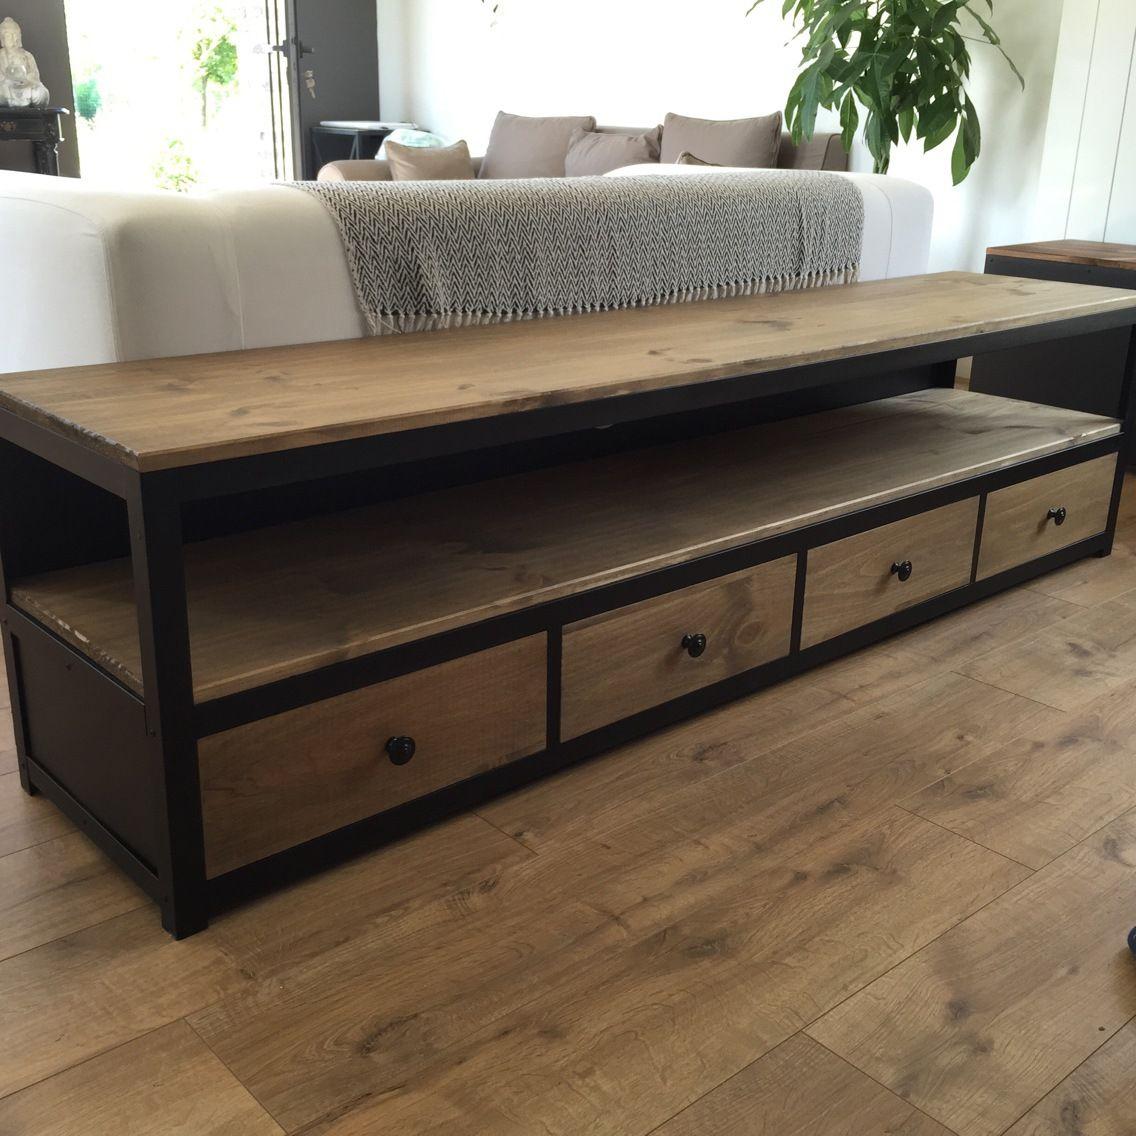 meuble tv acier noir et bois 4 tiroirs meubles et rangements par latelier62